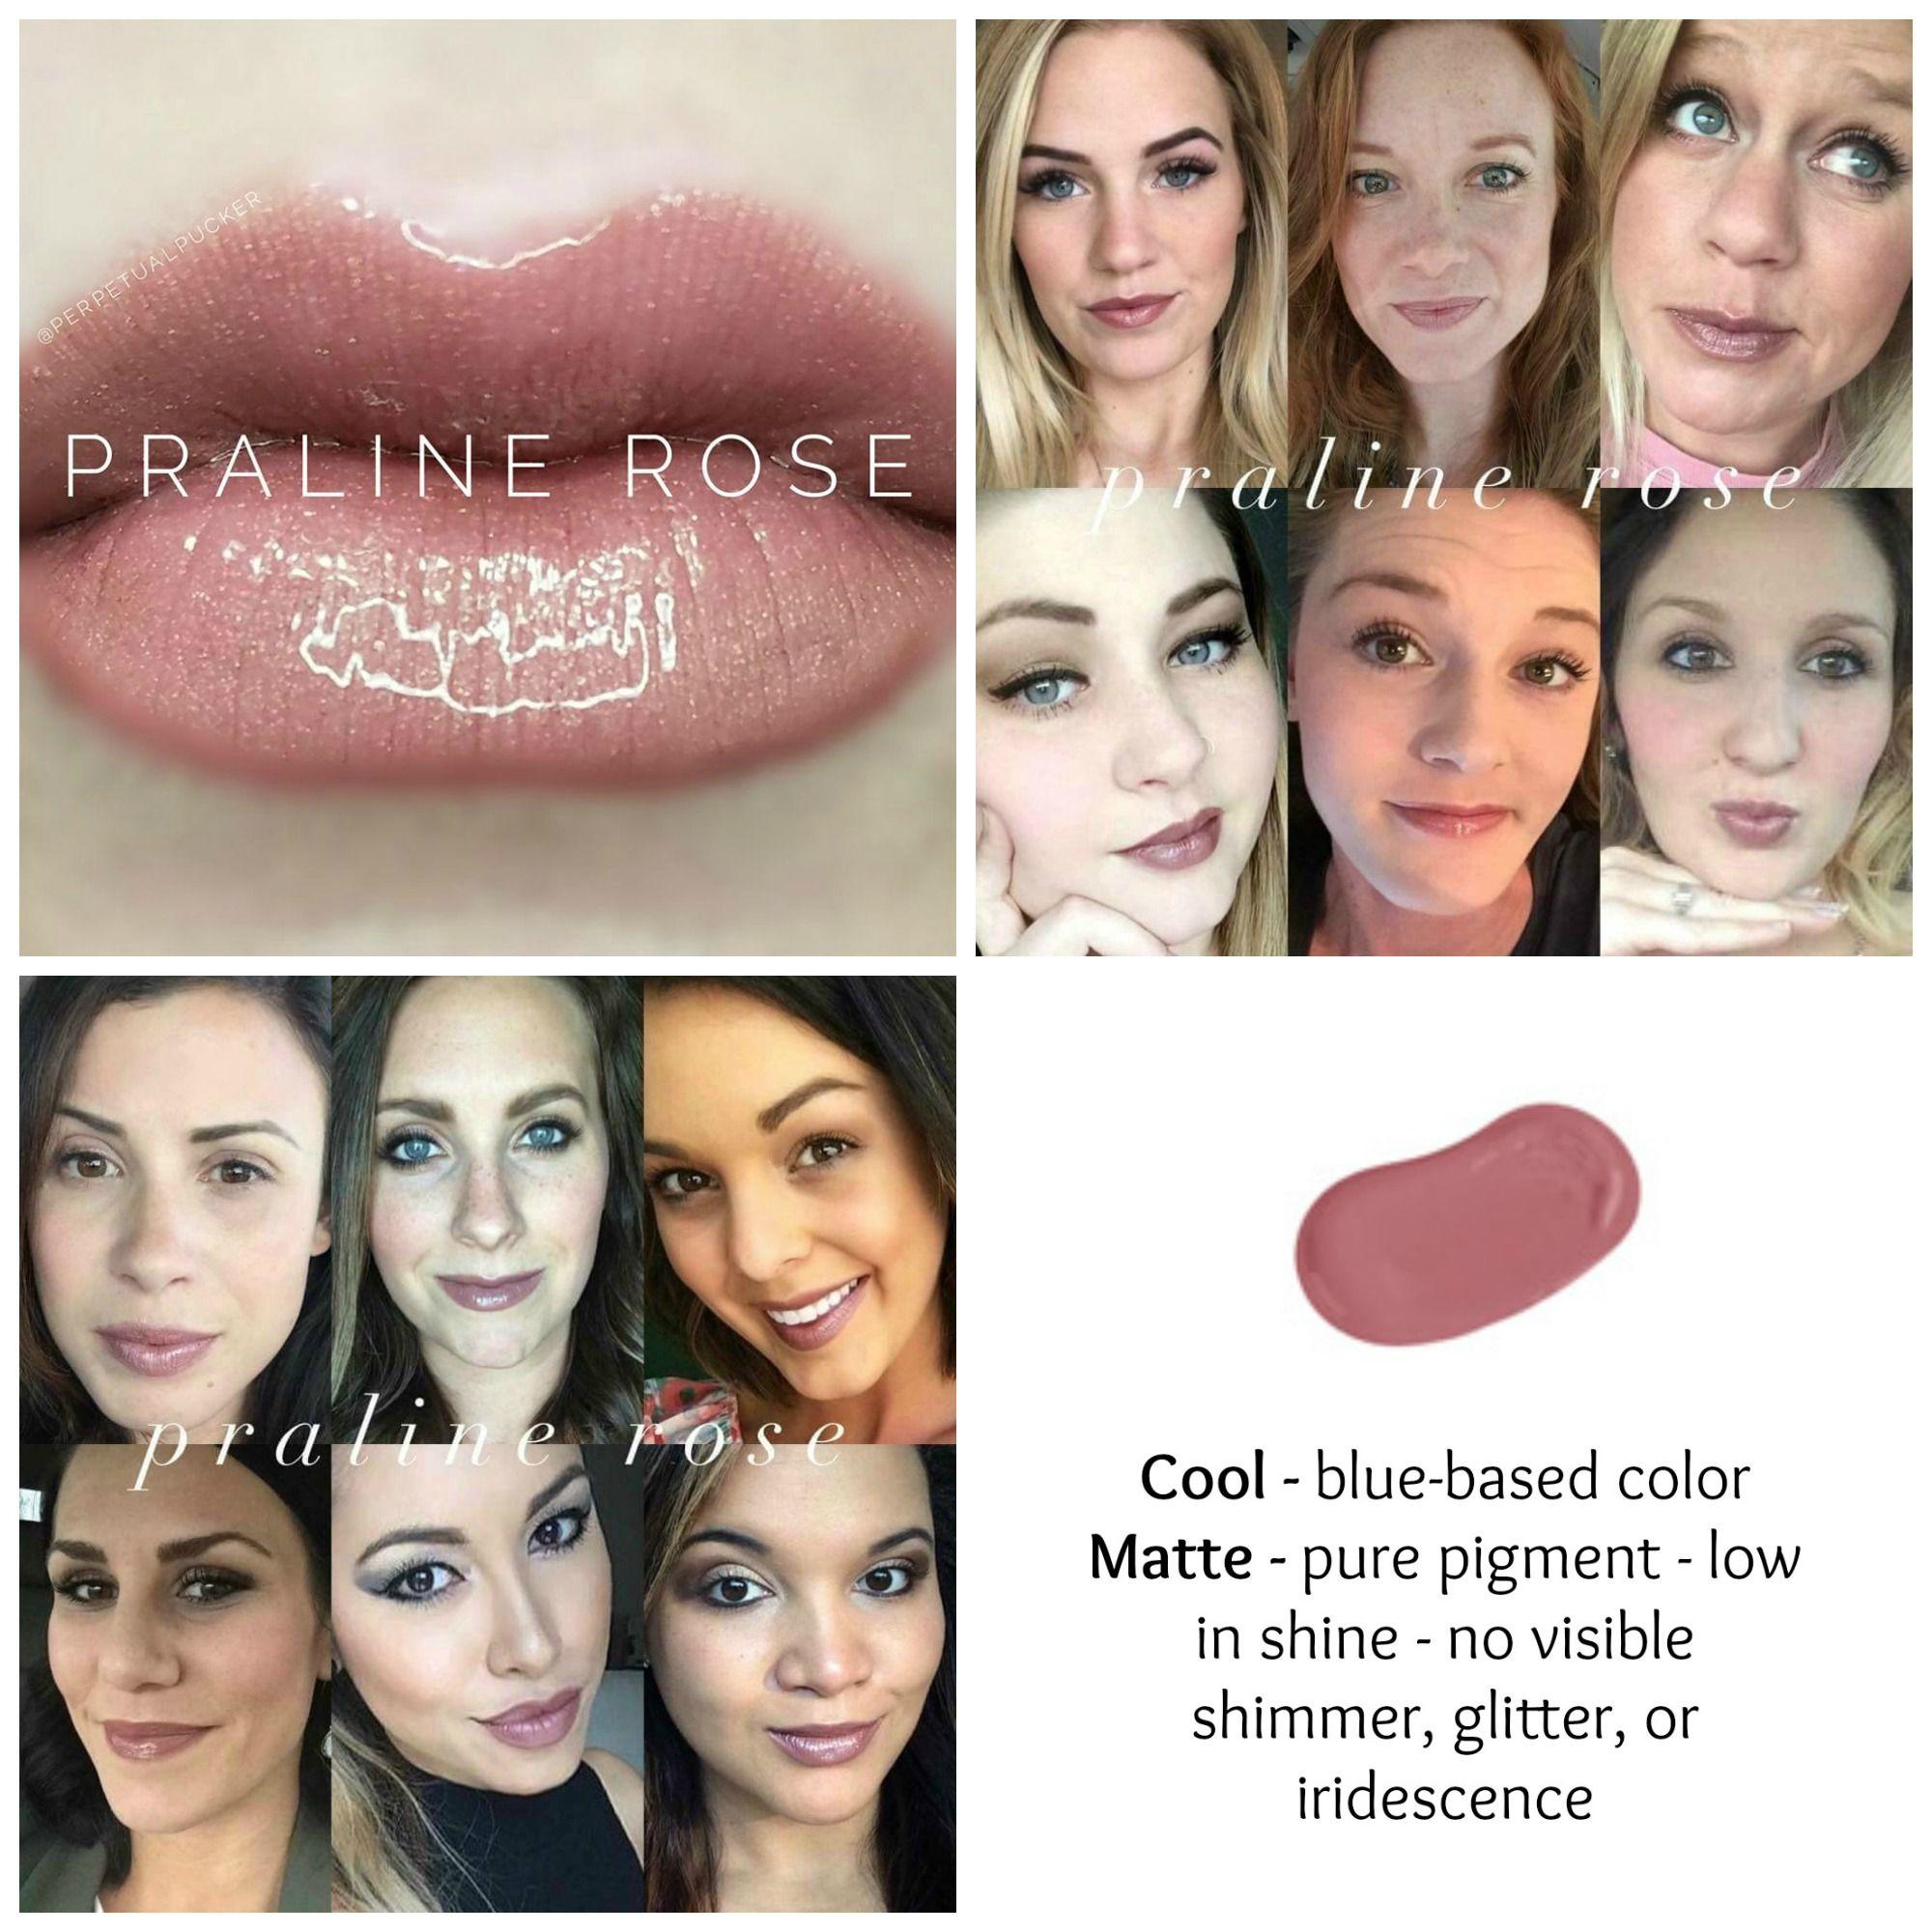 Praline Rose Lipsense Permanent Color Lipsense Color Charts In